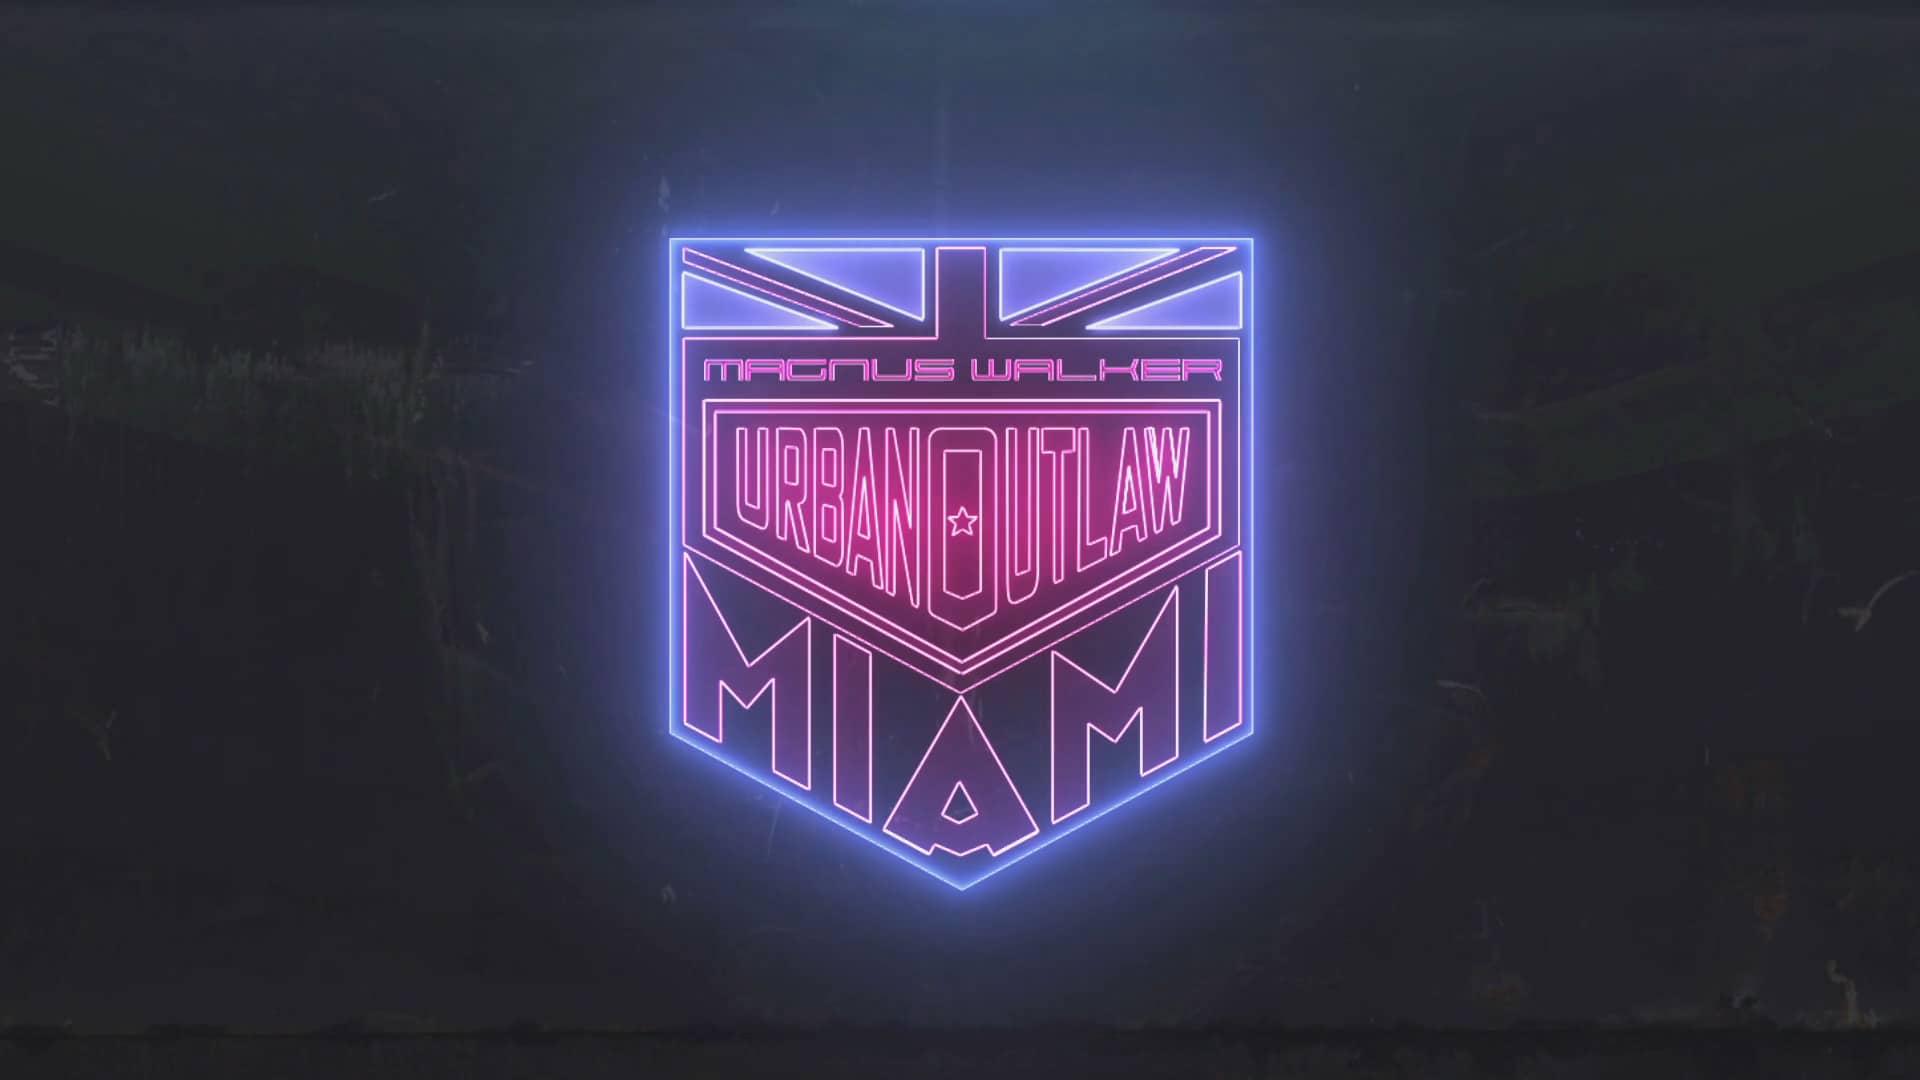 Miami Outlaw